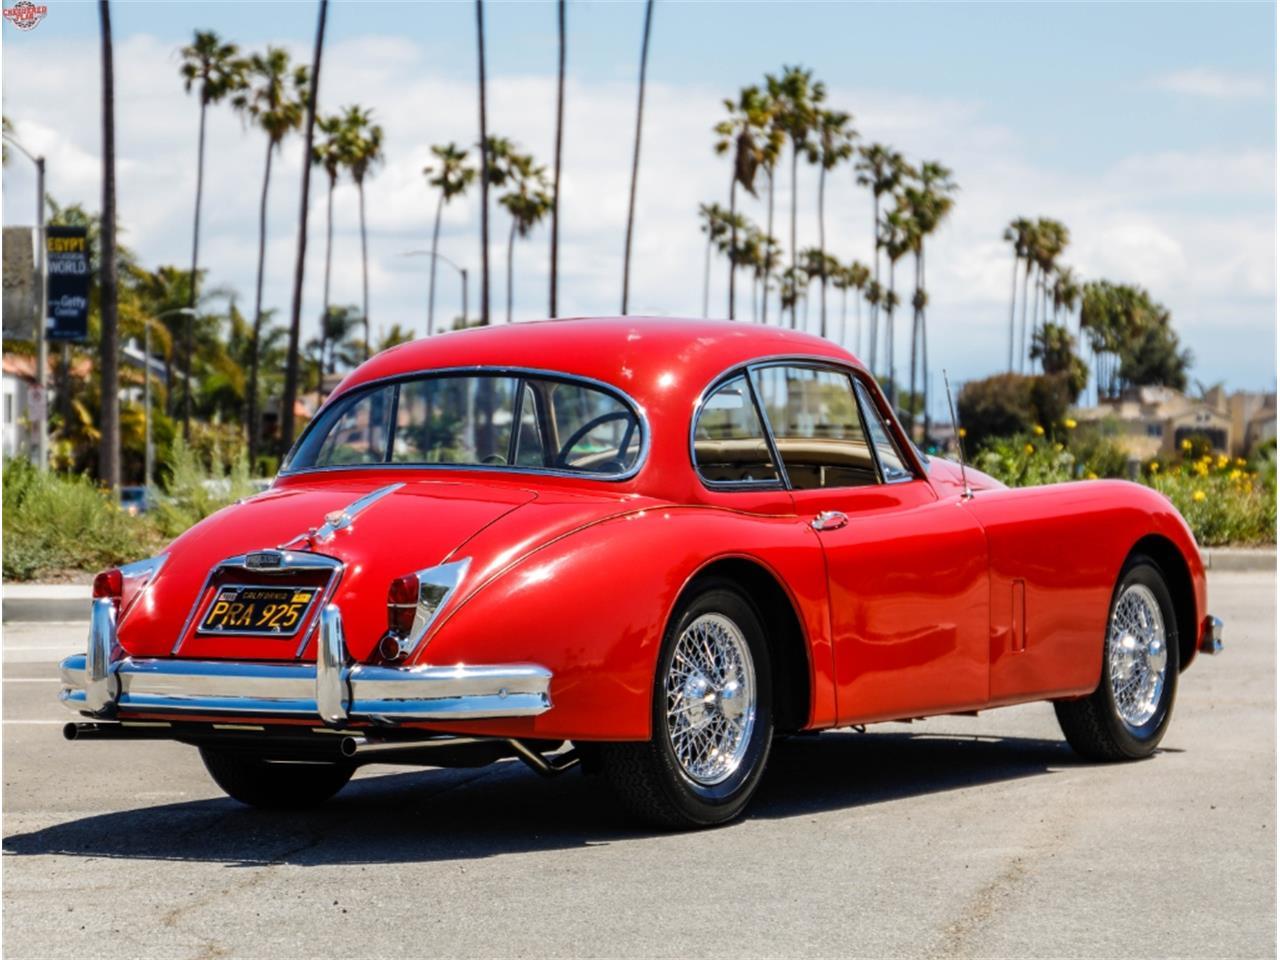 1961 Jaguar XK150 for sale in Marina Del Rey, CA / classiccarsbay.com